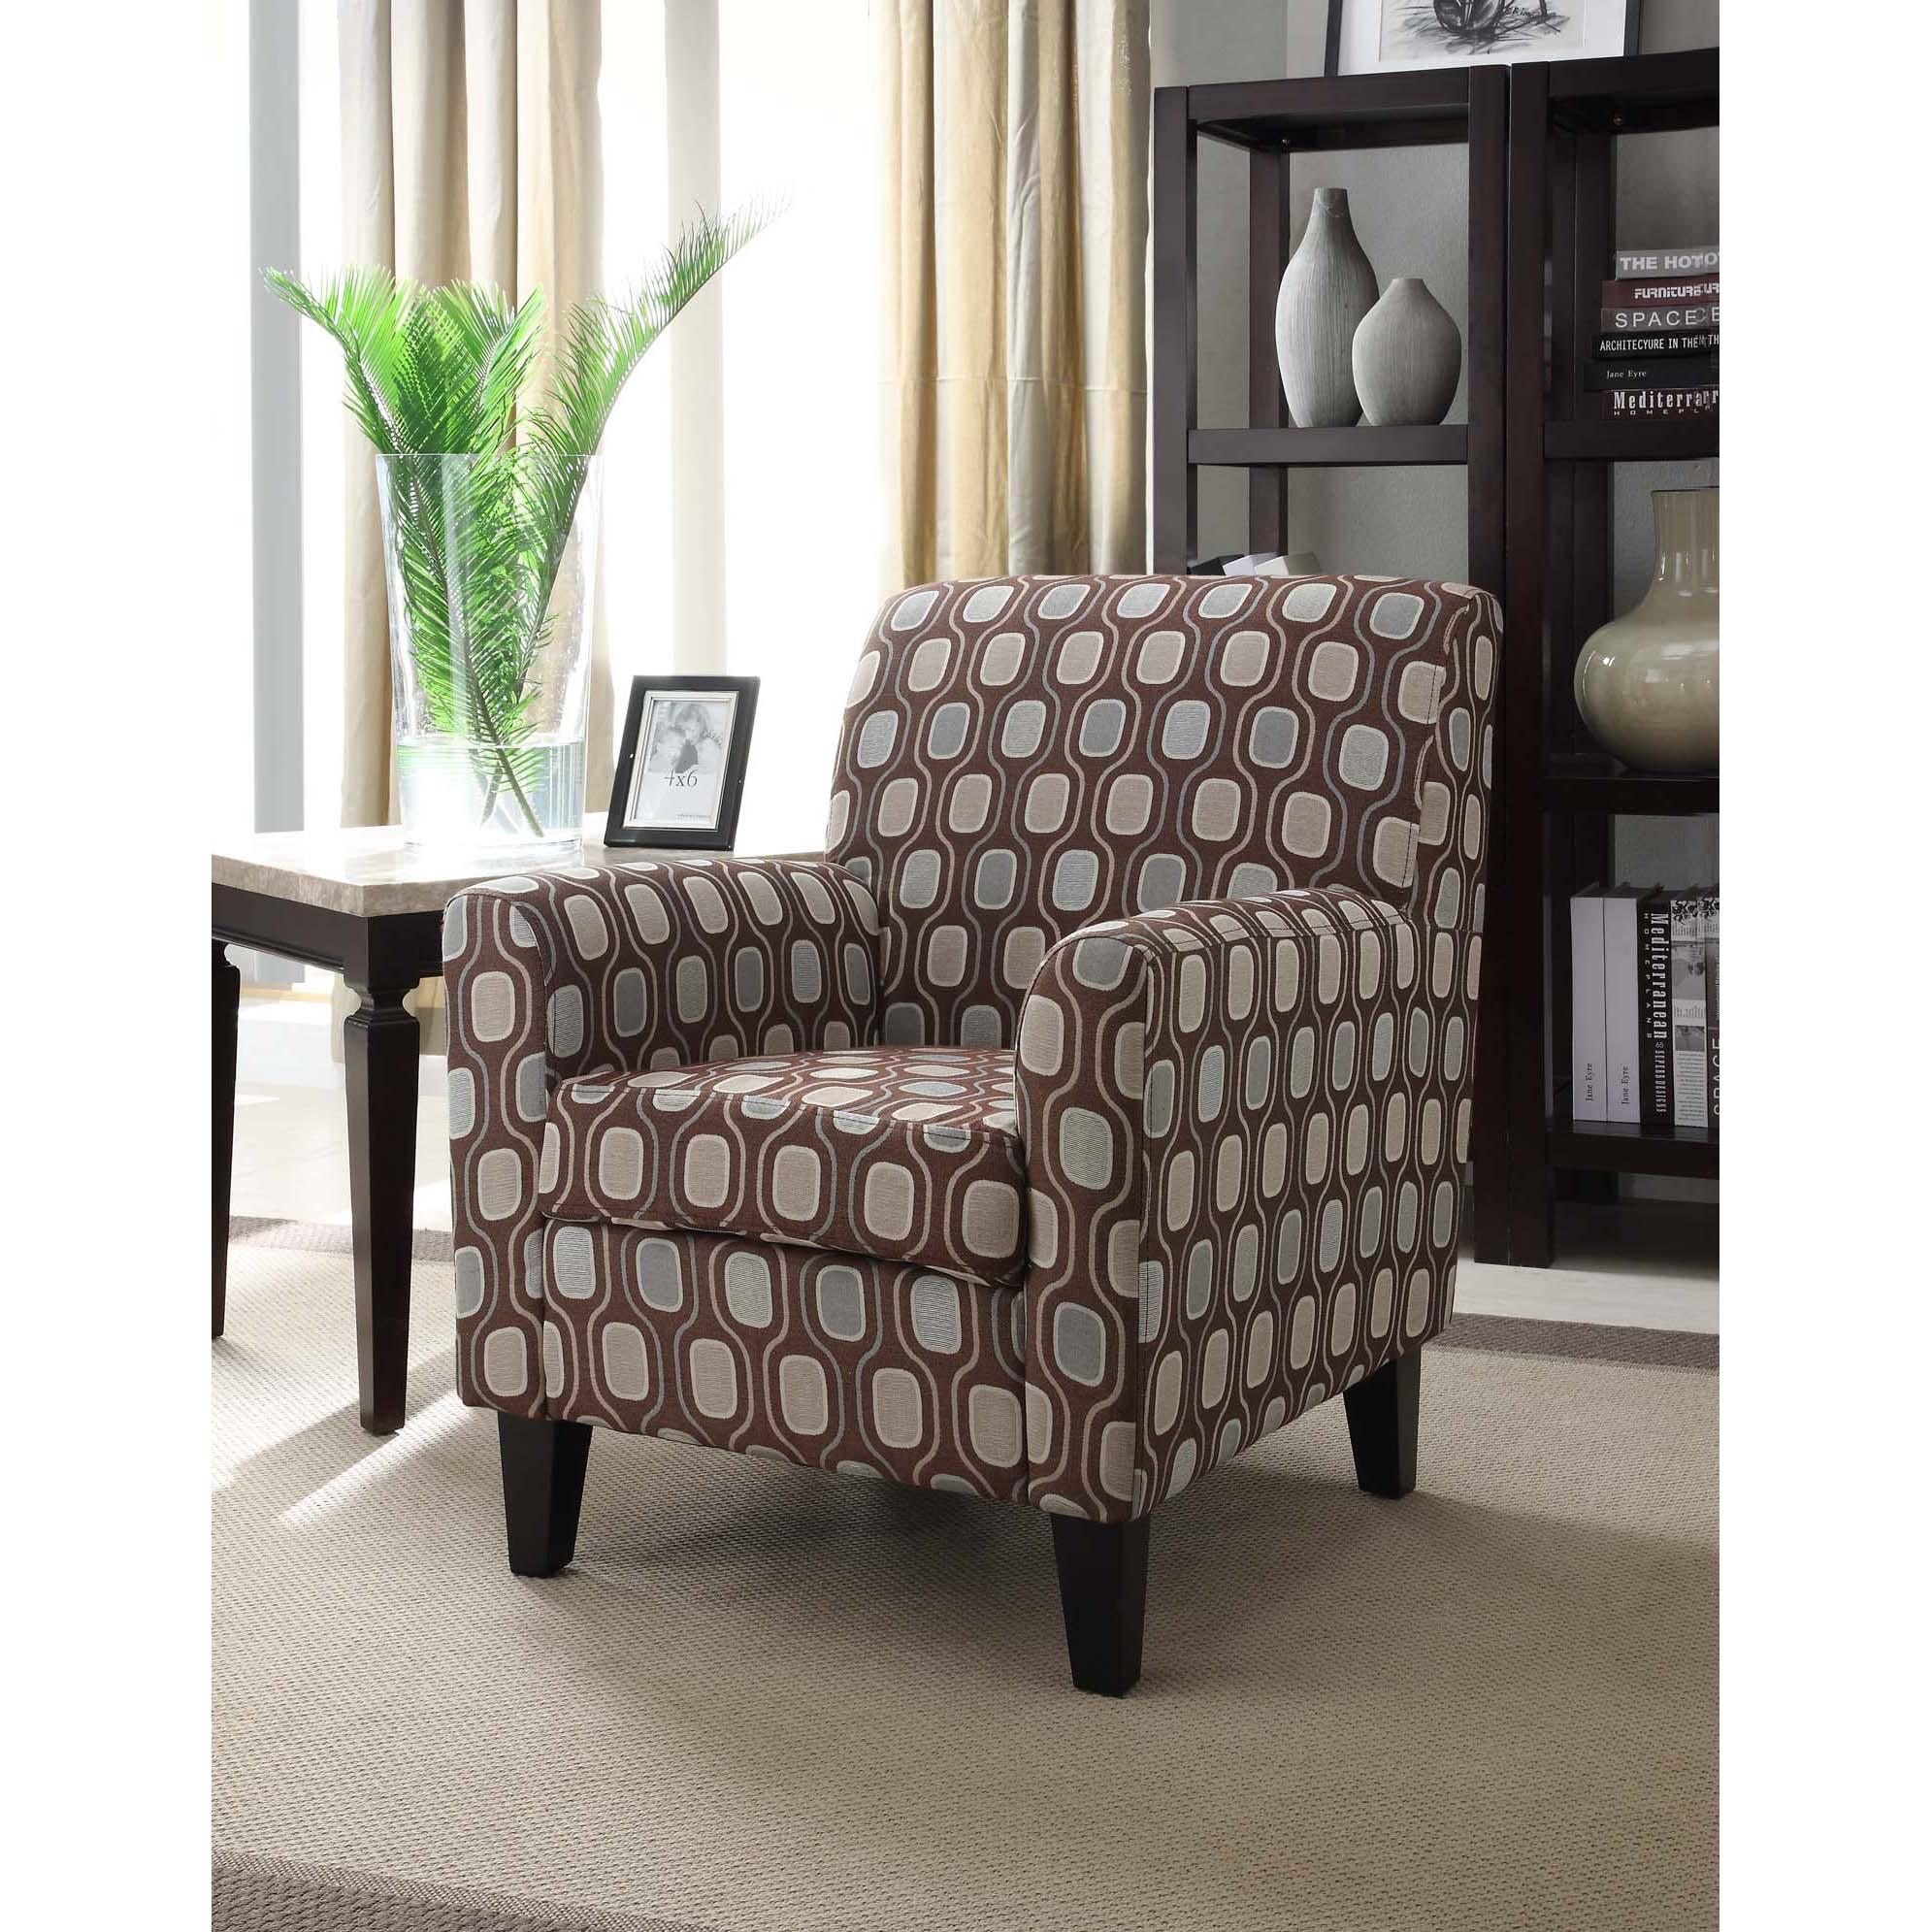 Cream Circle Fabric Design Club Chair